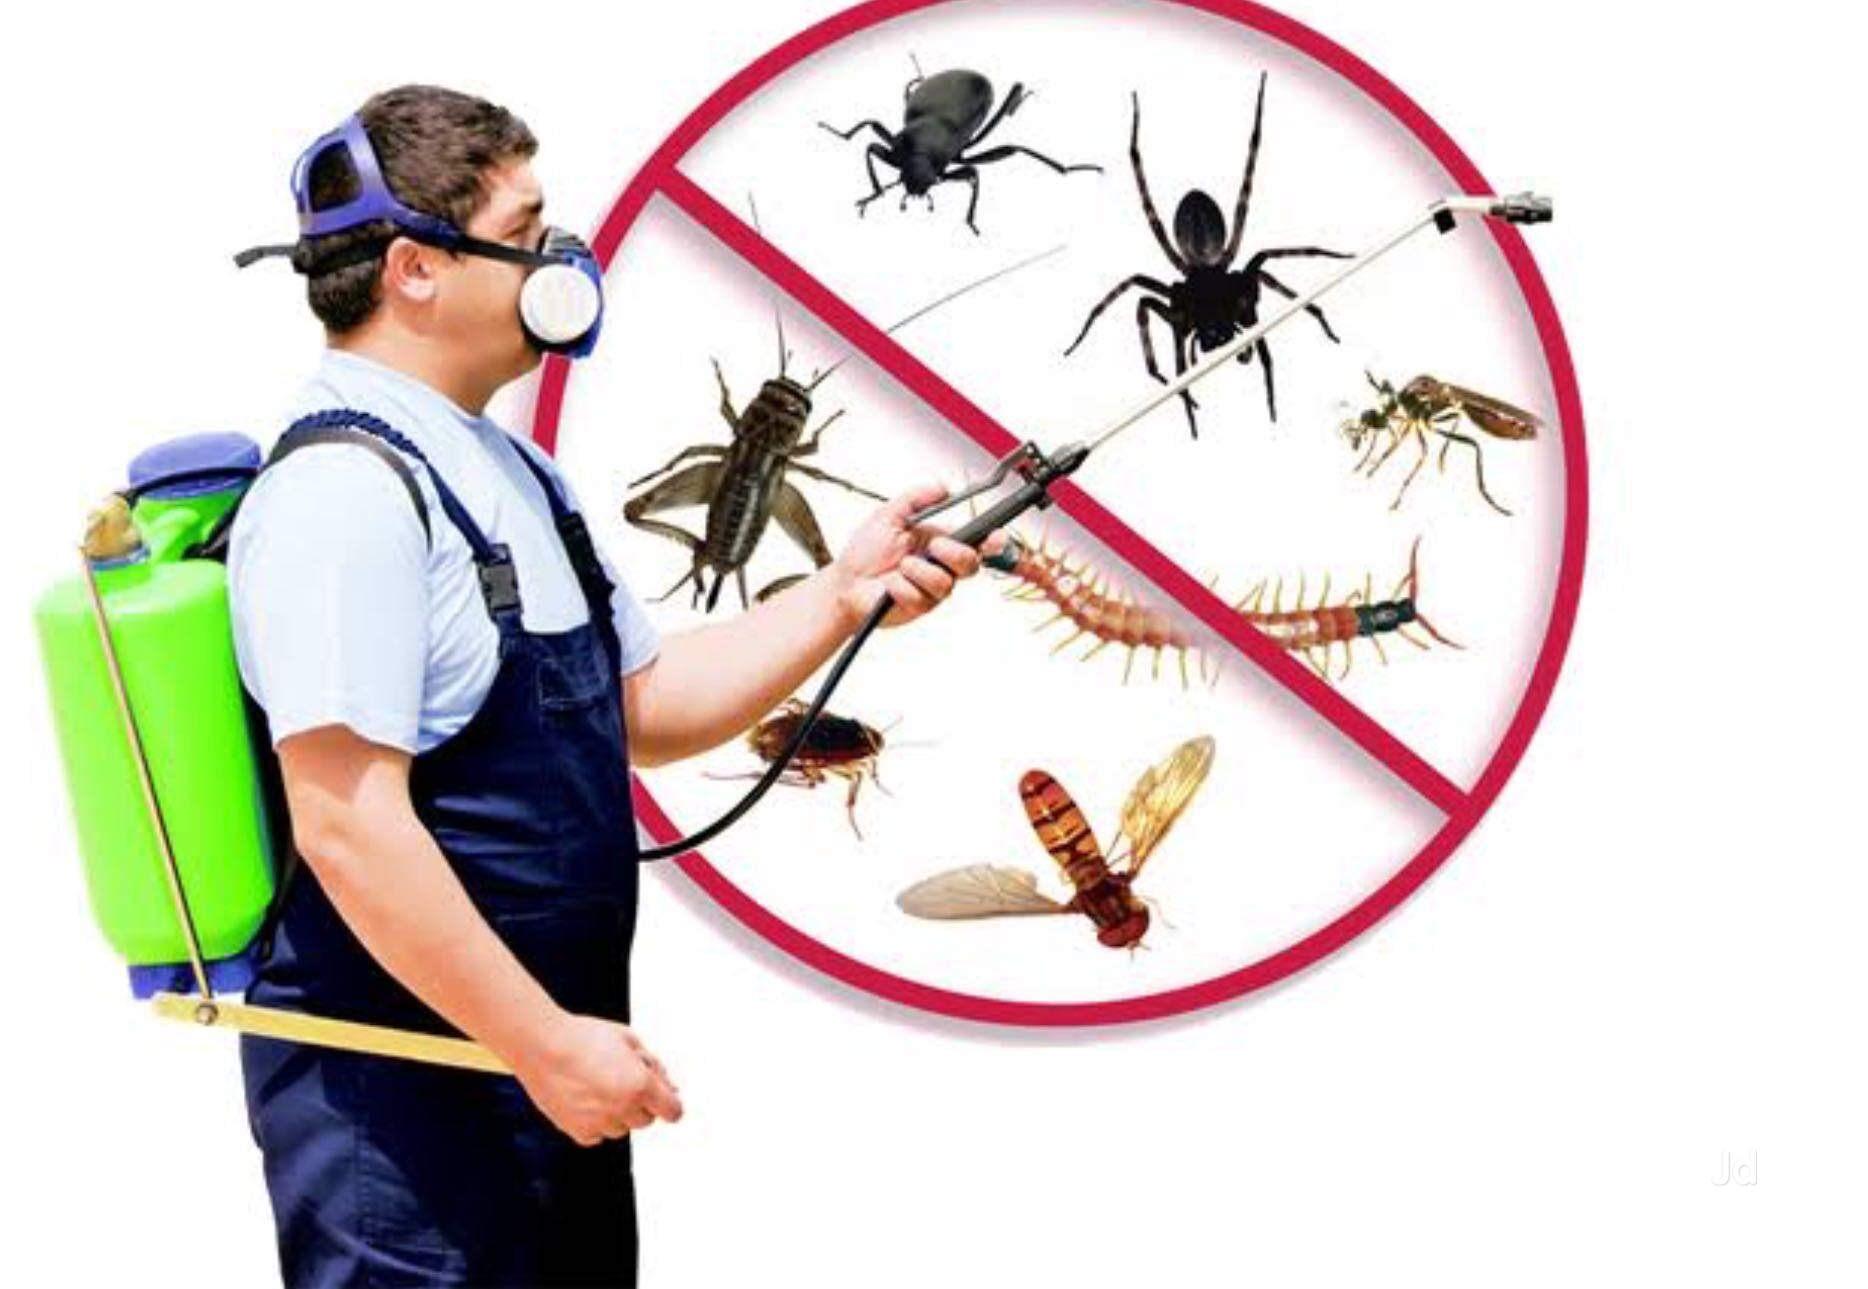 Услуги служб по борьбе с насекомыми: достоинства